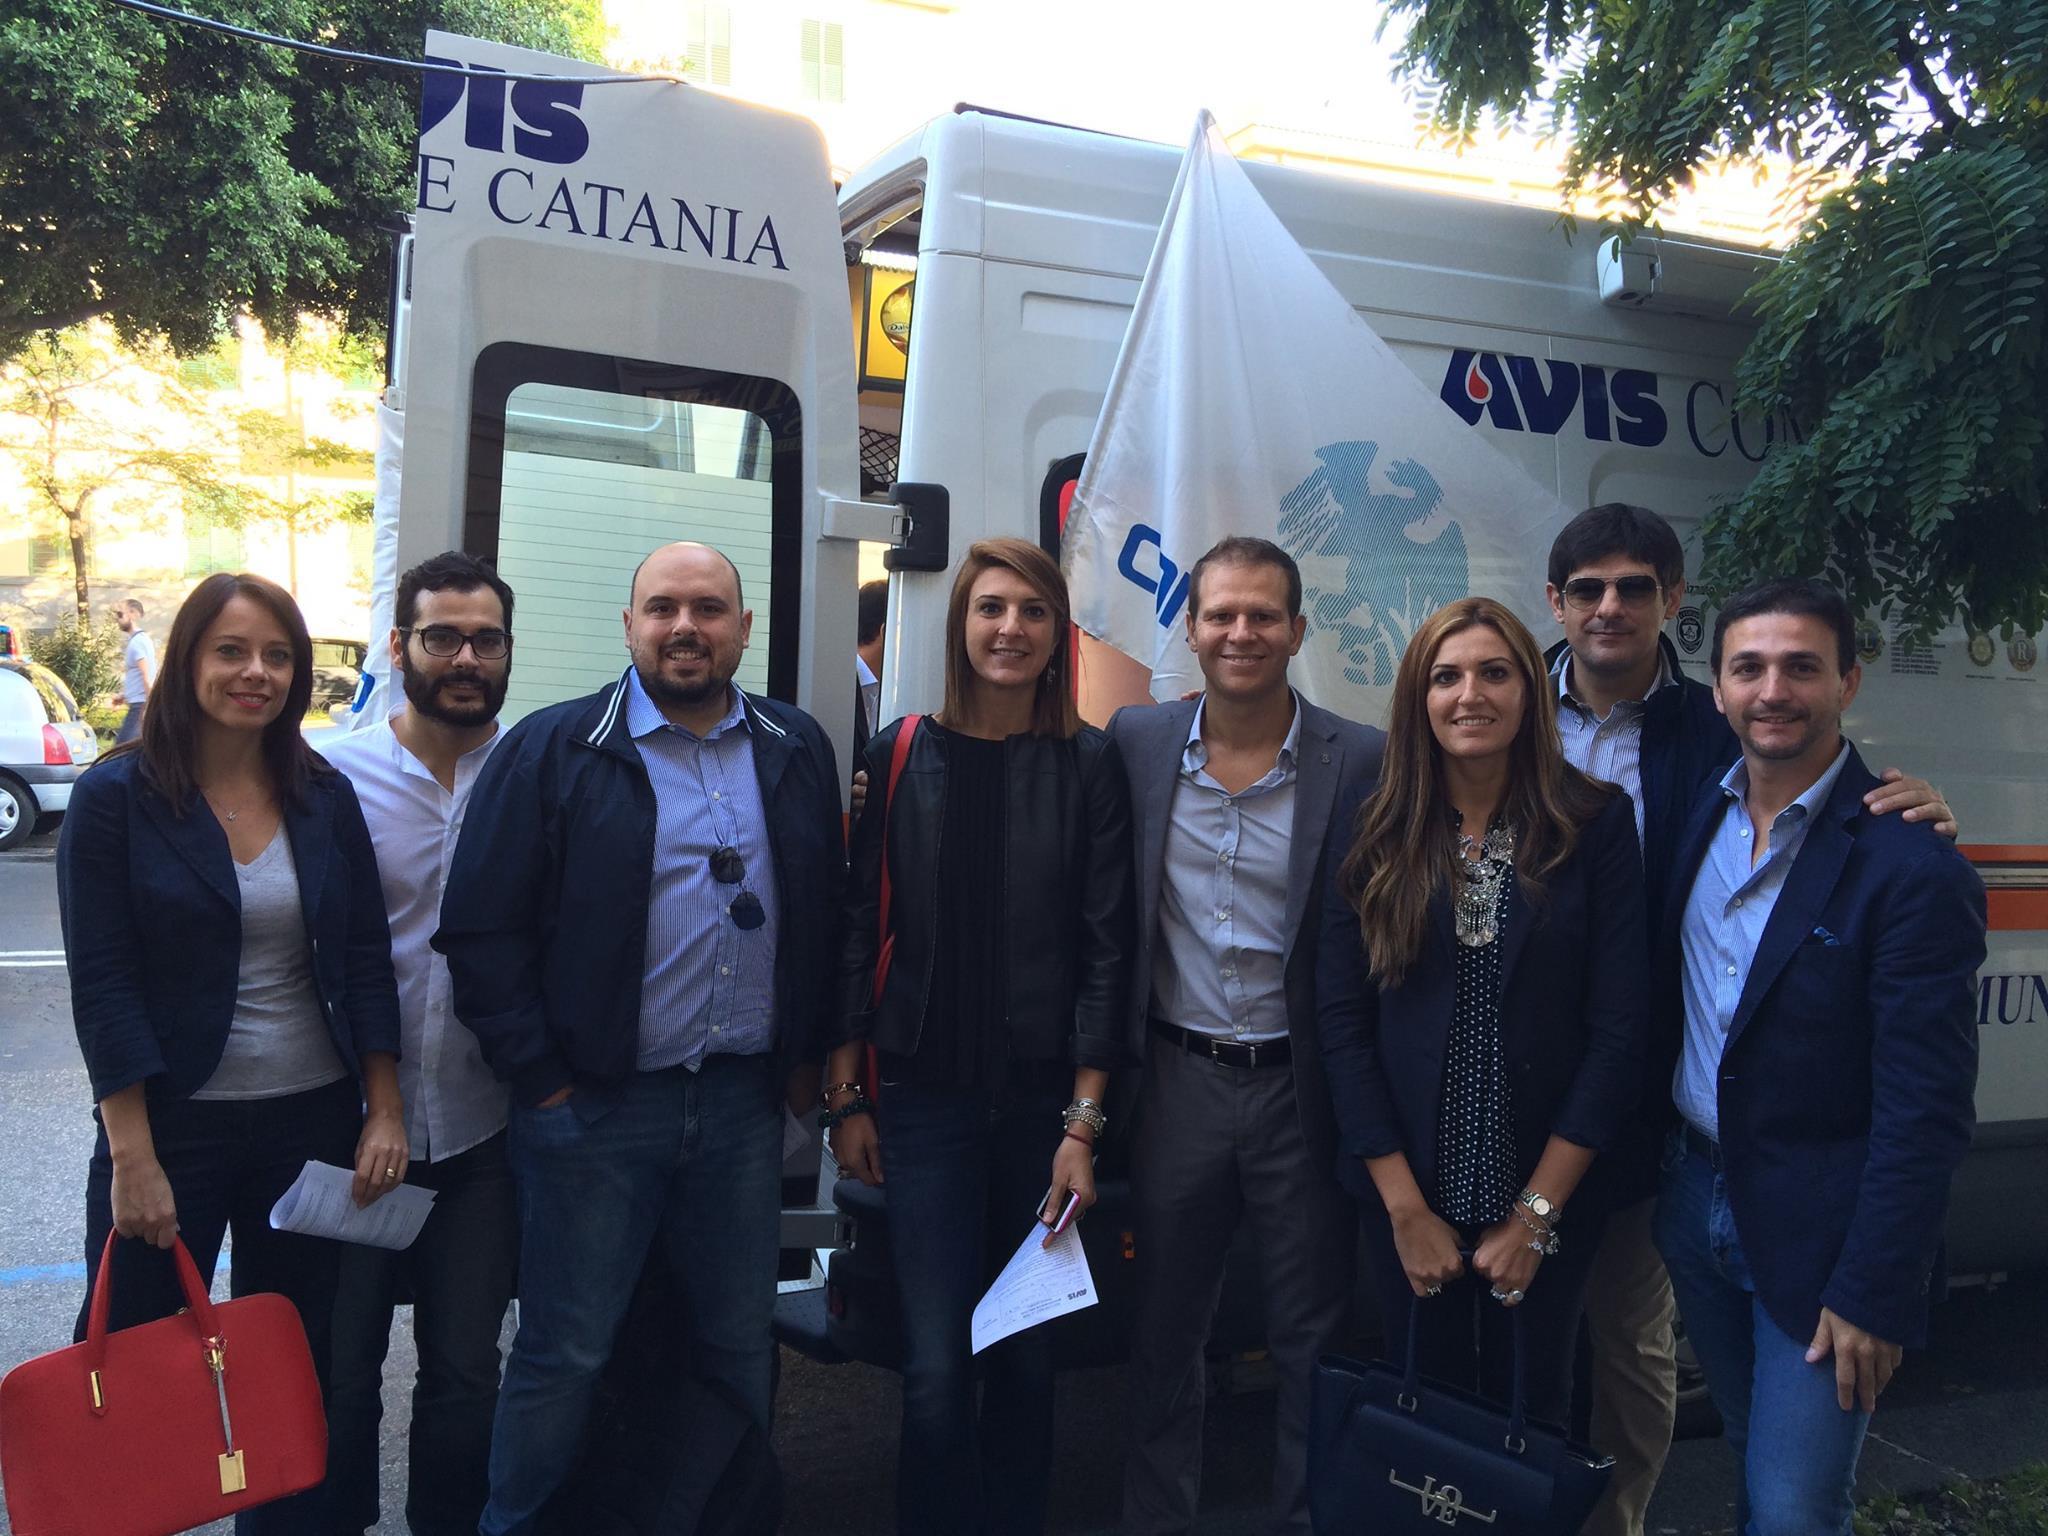 La Giornata della donazione del Gruppo Giovani Imprenditori Confcommercio Catania